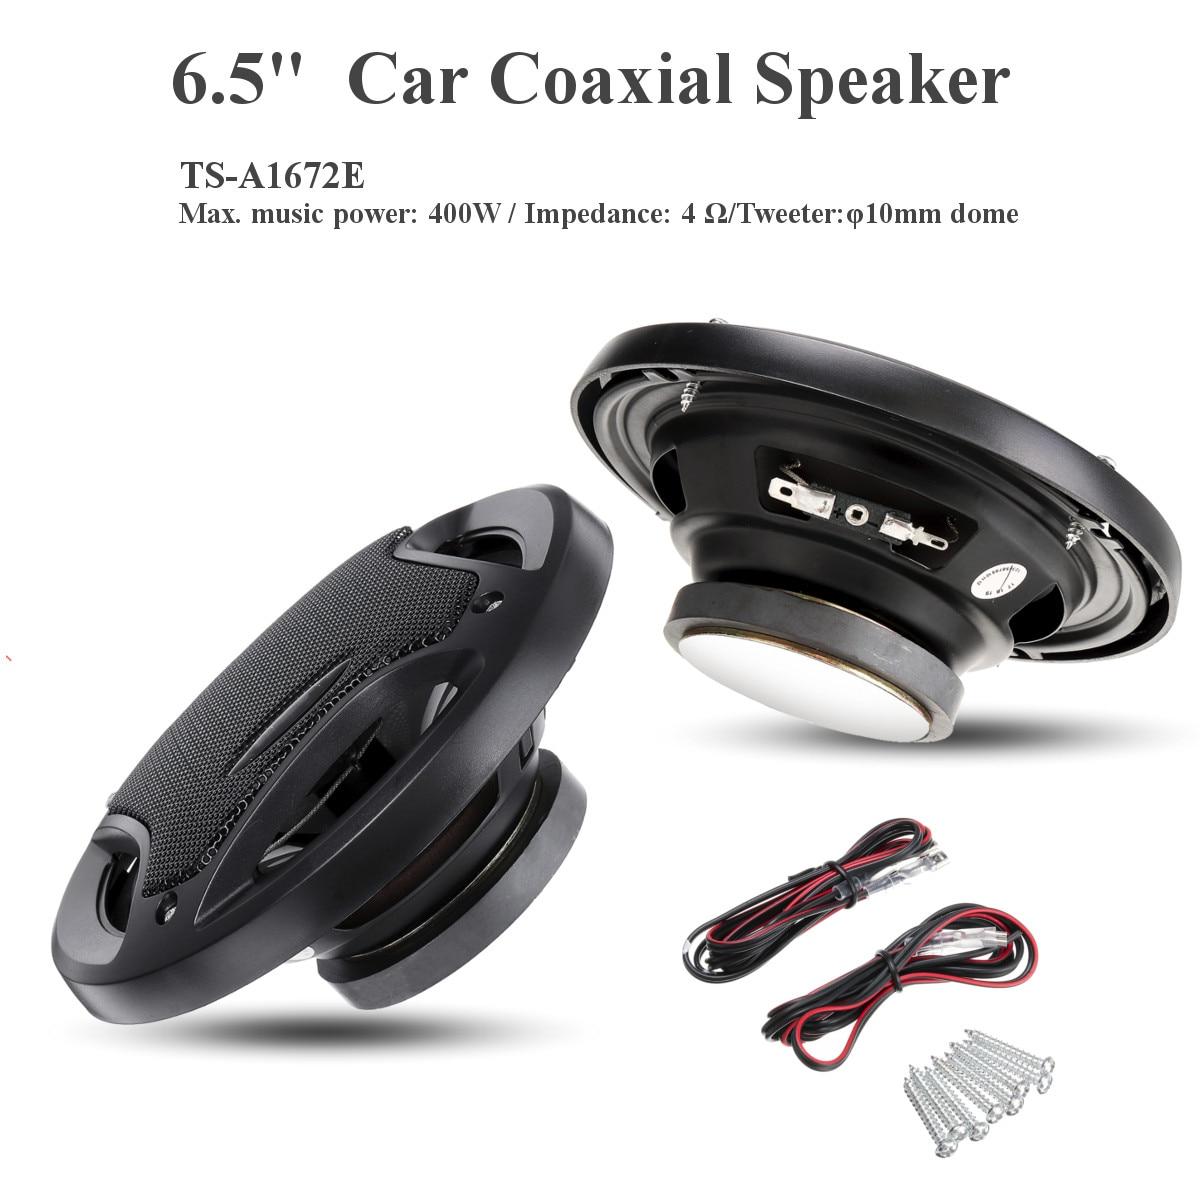 2 uds 6,5 pulgadas 400W altavoz Coaxial para coche Puerta de vehículo Audio de coche música estéreo Hifi altavoces para sistema de Audio para coche